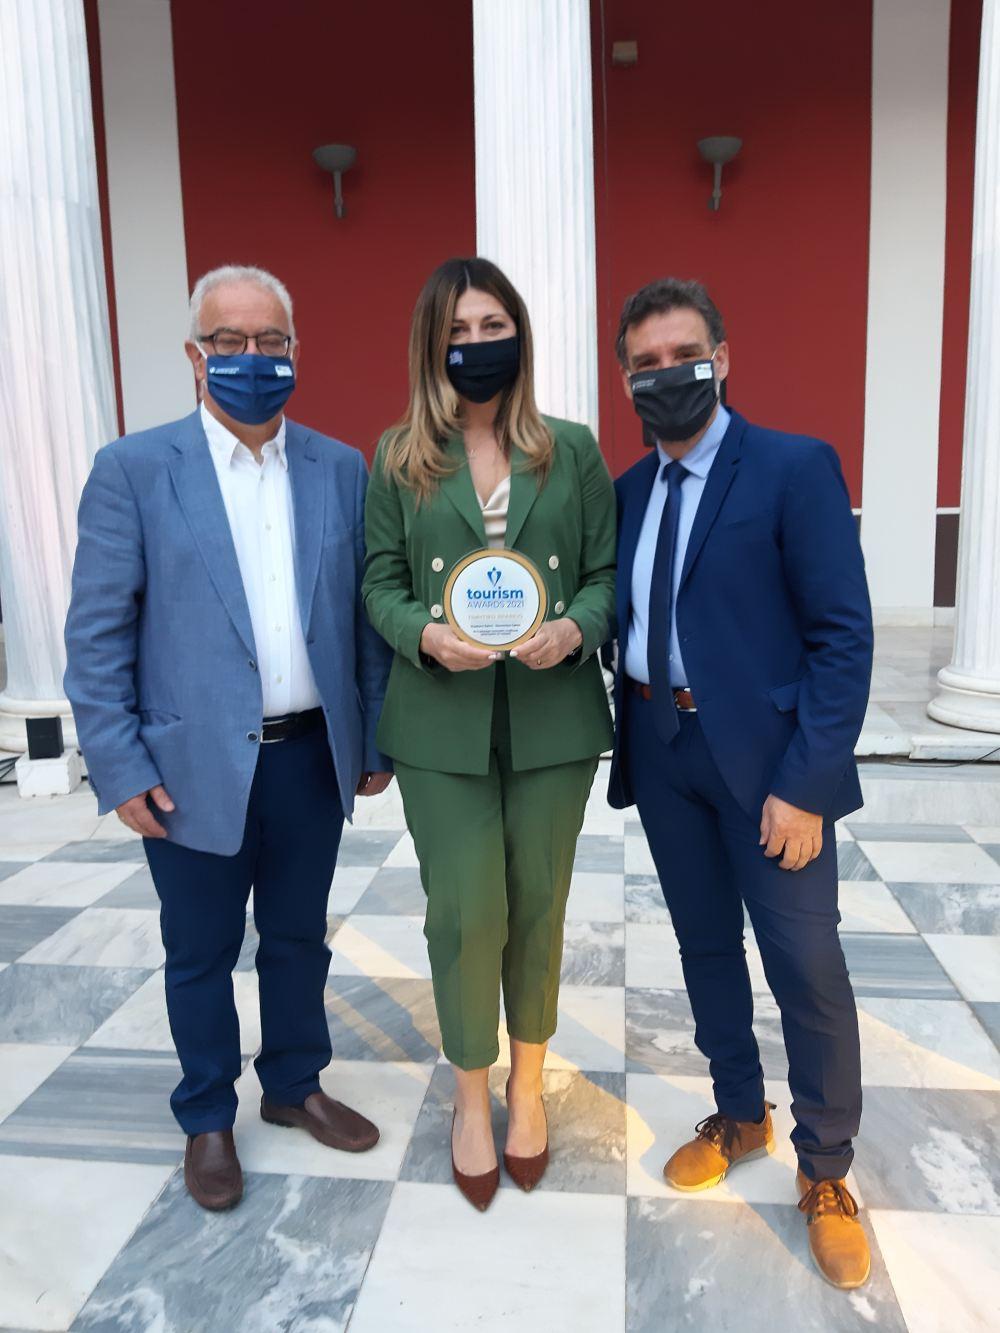 Τιμητικό βραβείο στην Περιφέρεια Κρήτης και το Πανεπιστήμιο Κρήτης από τα «Βραβεία Τουρισμού 2021»